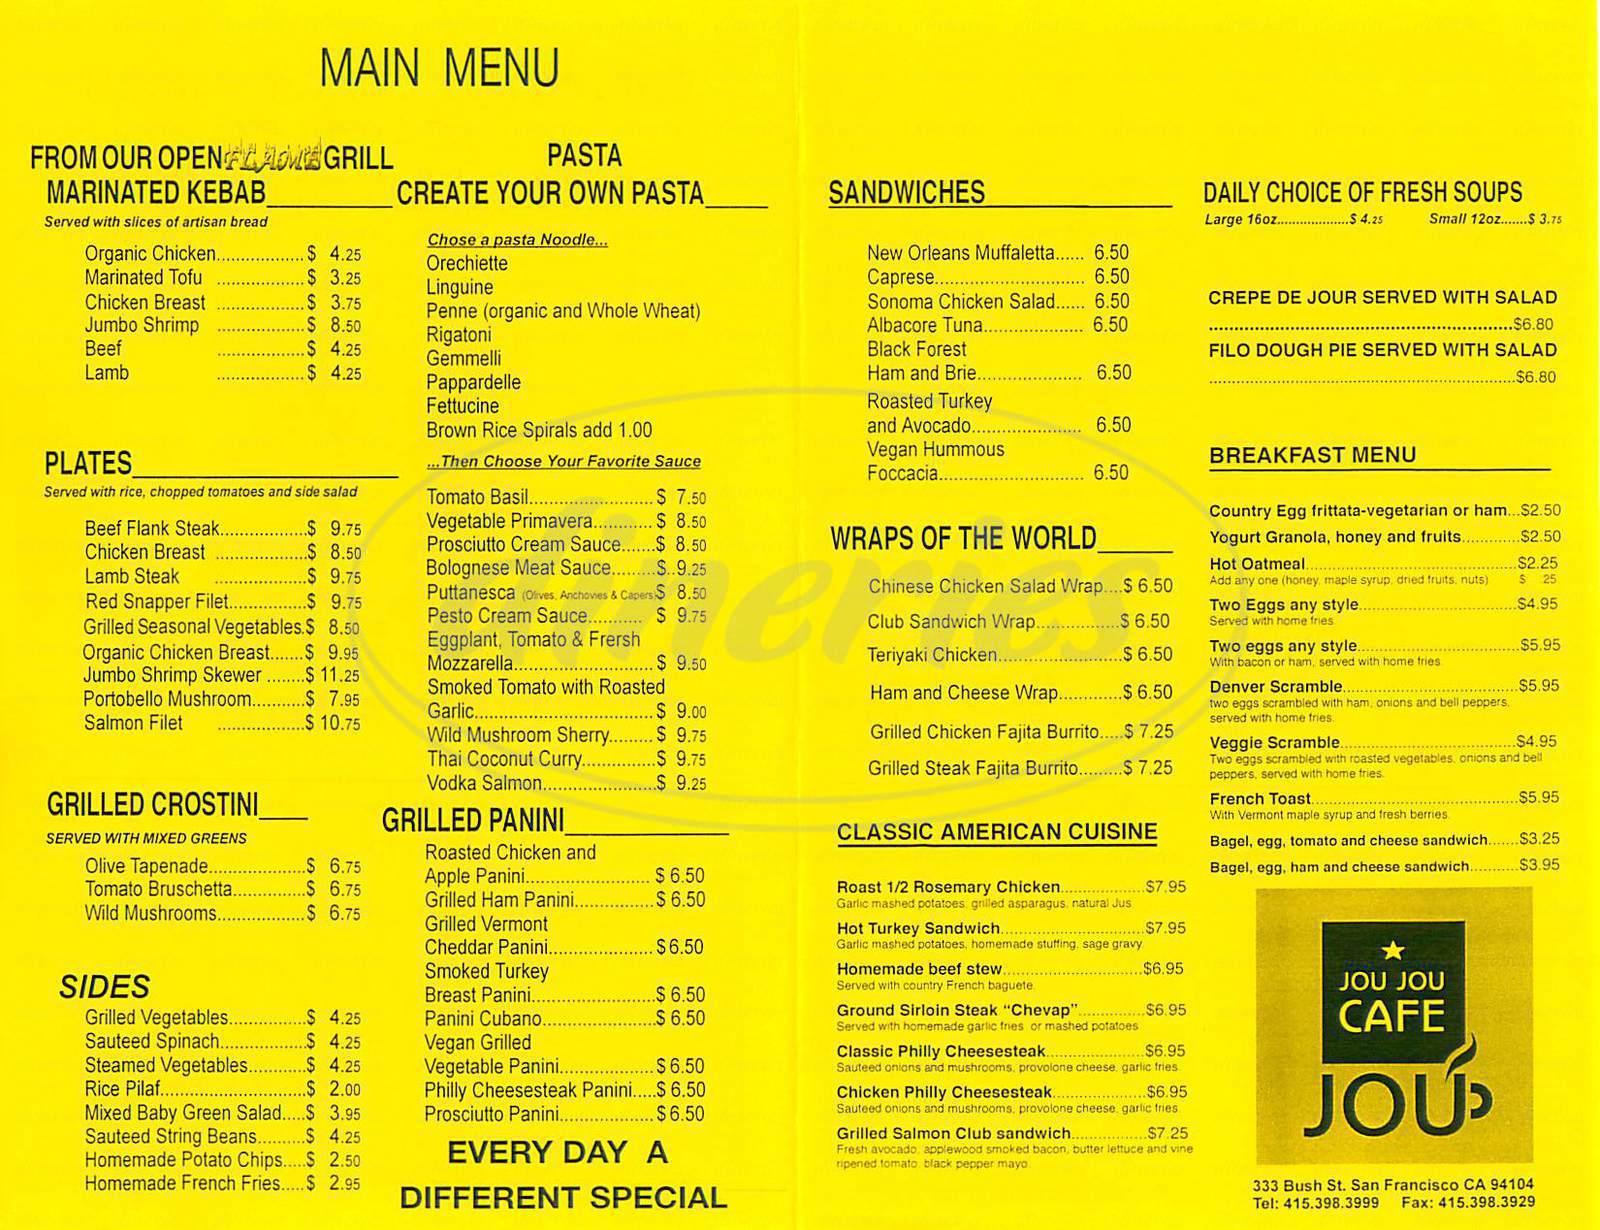 menu for Jou Jou Café